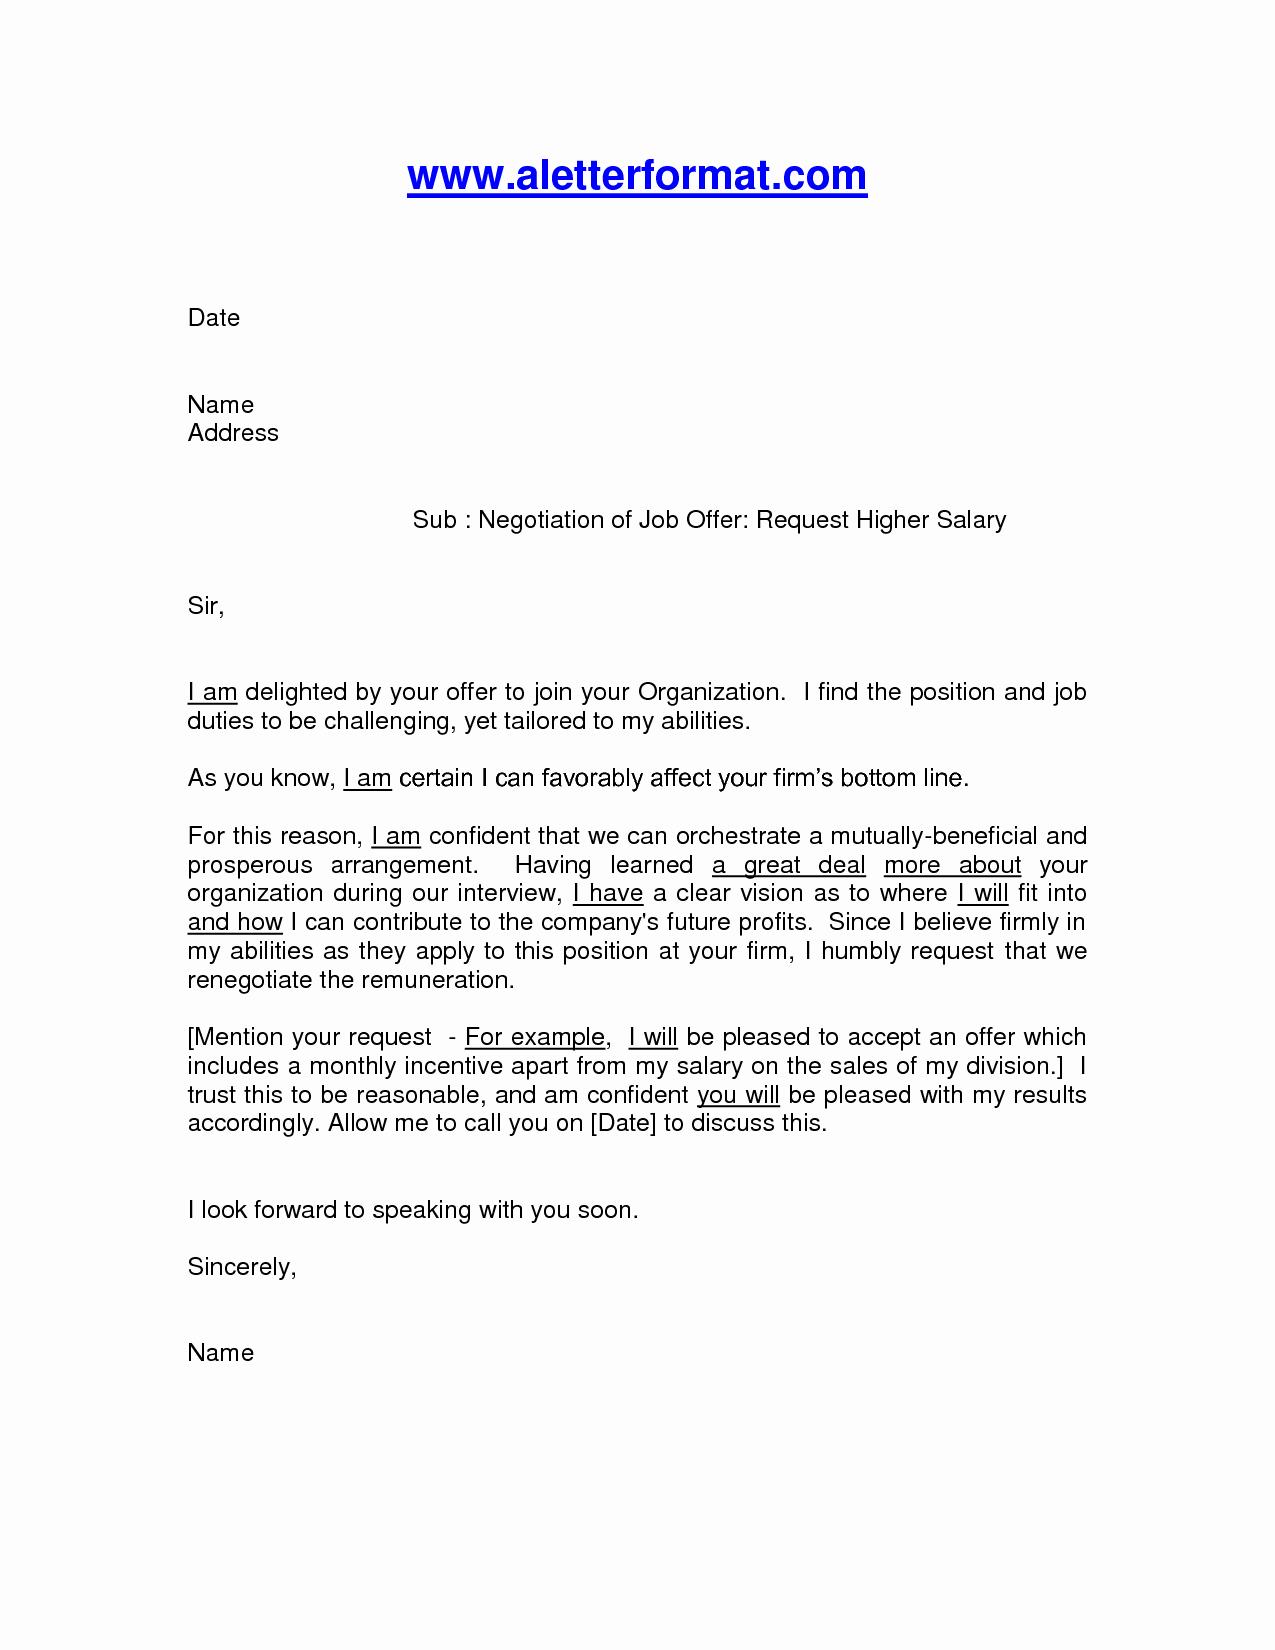 Salary Counter Offer Letter Elegant Salary Negotiation Letter